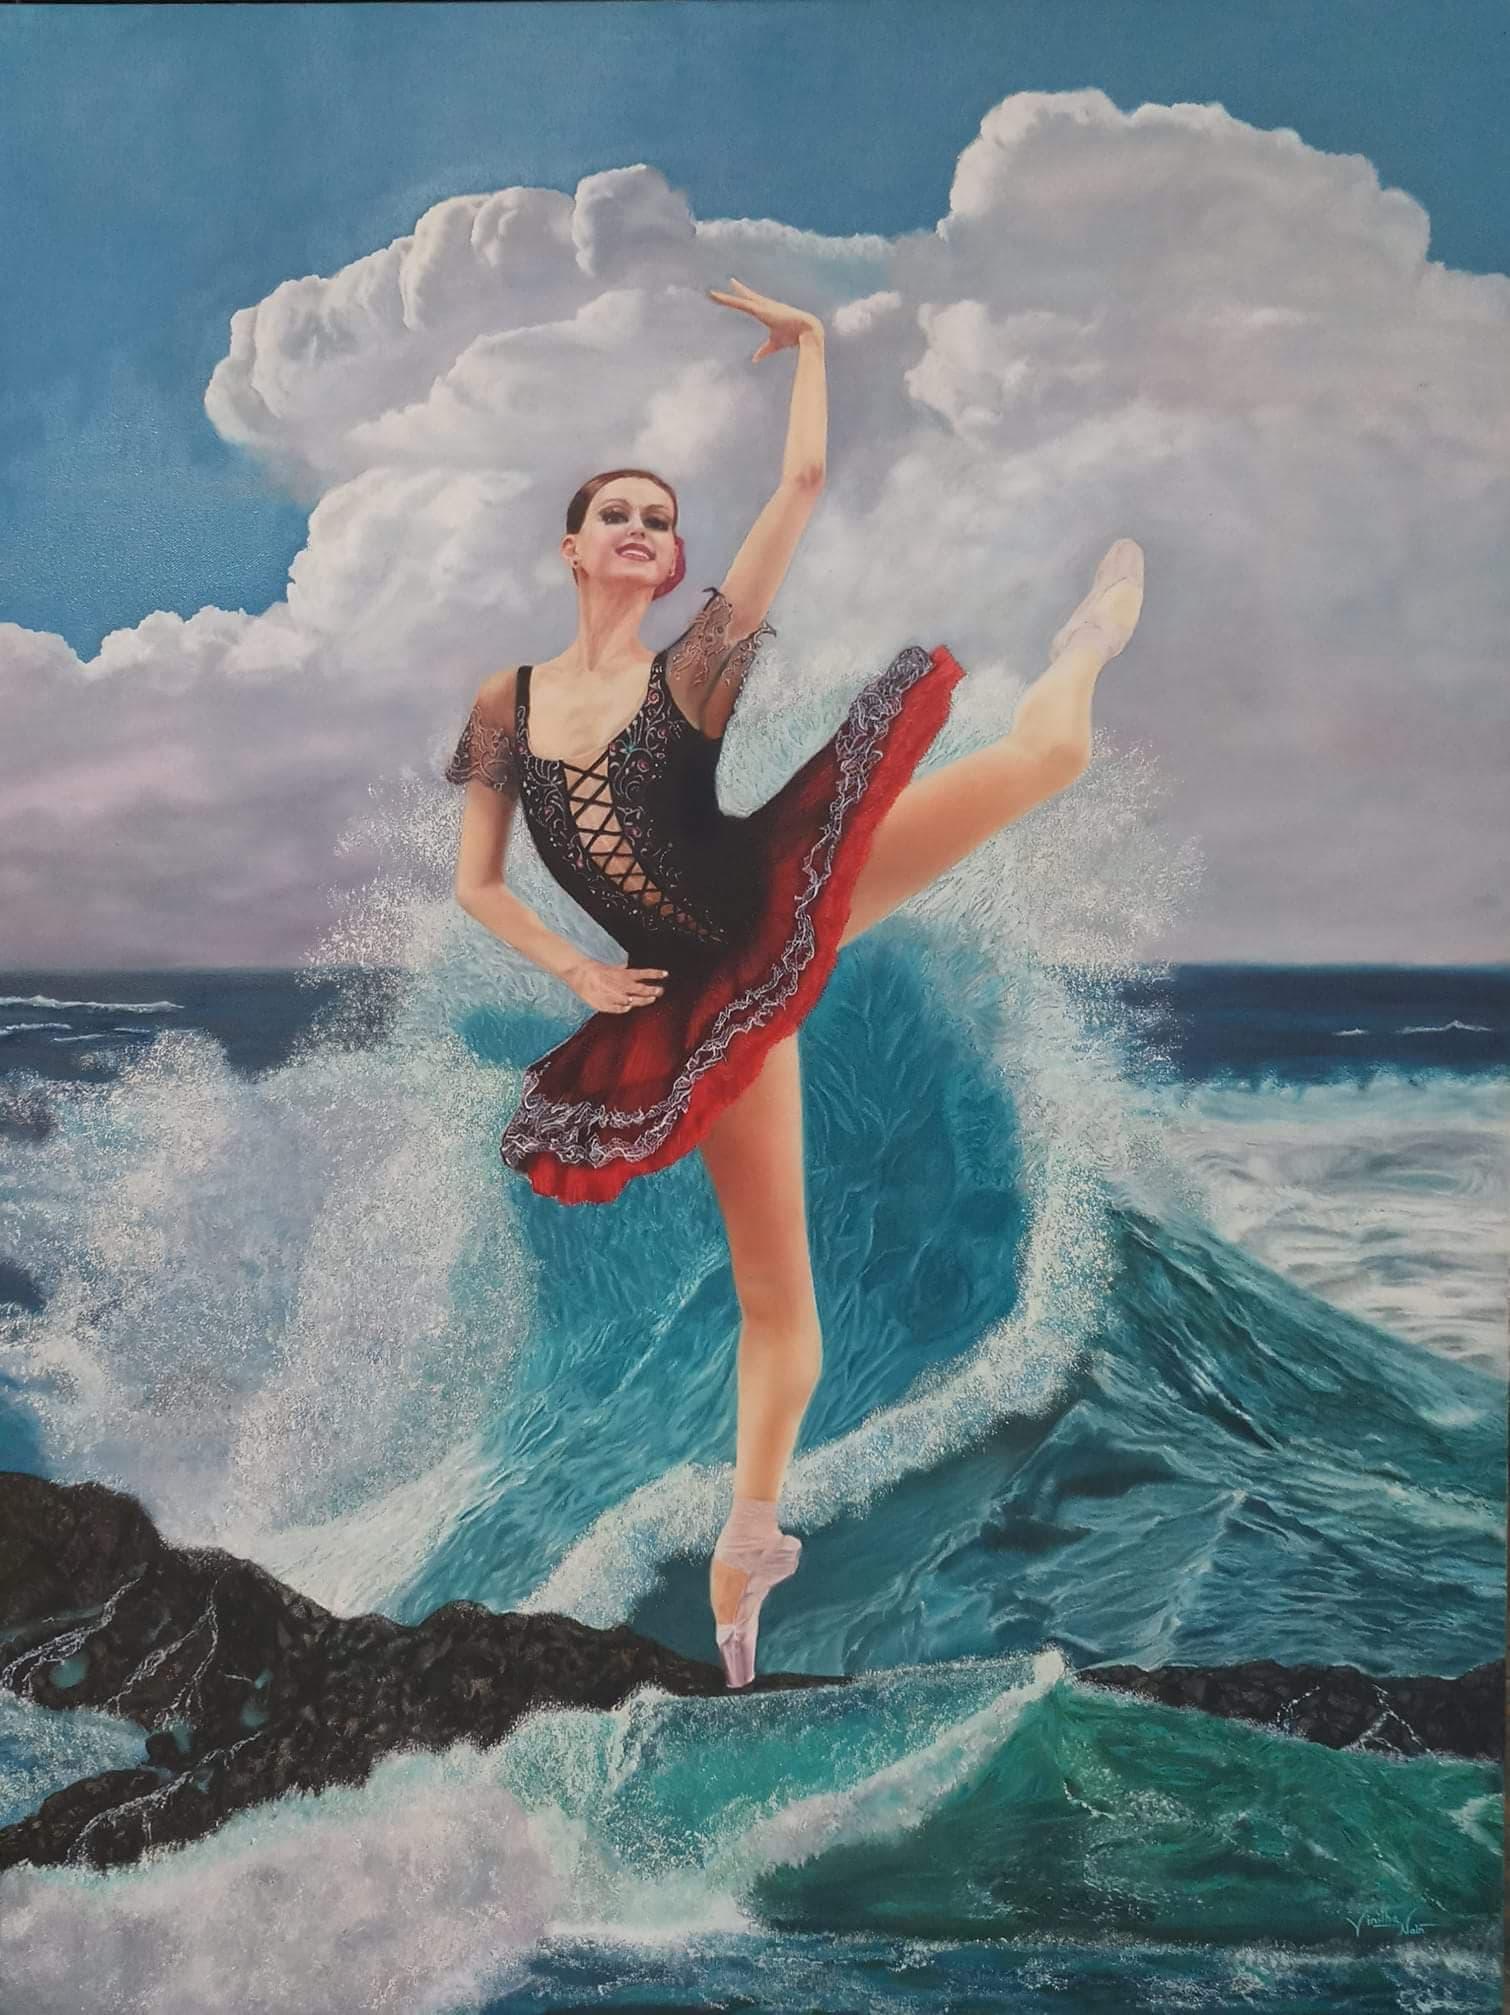 vinitha nair painting ballerina